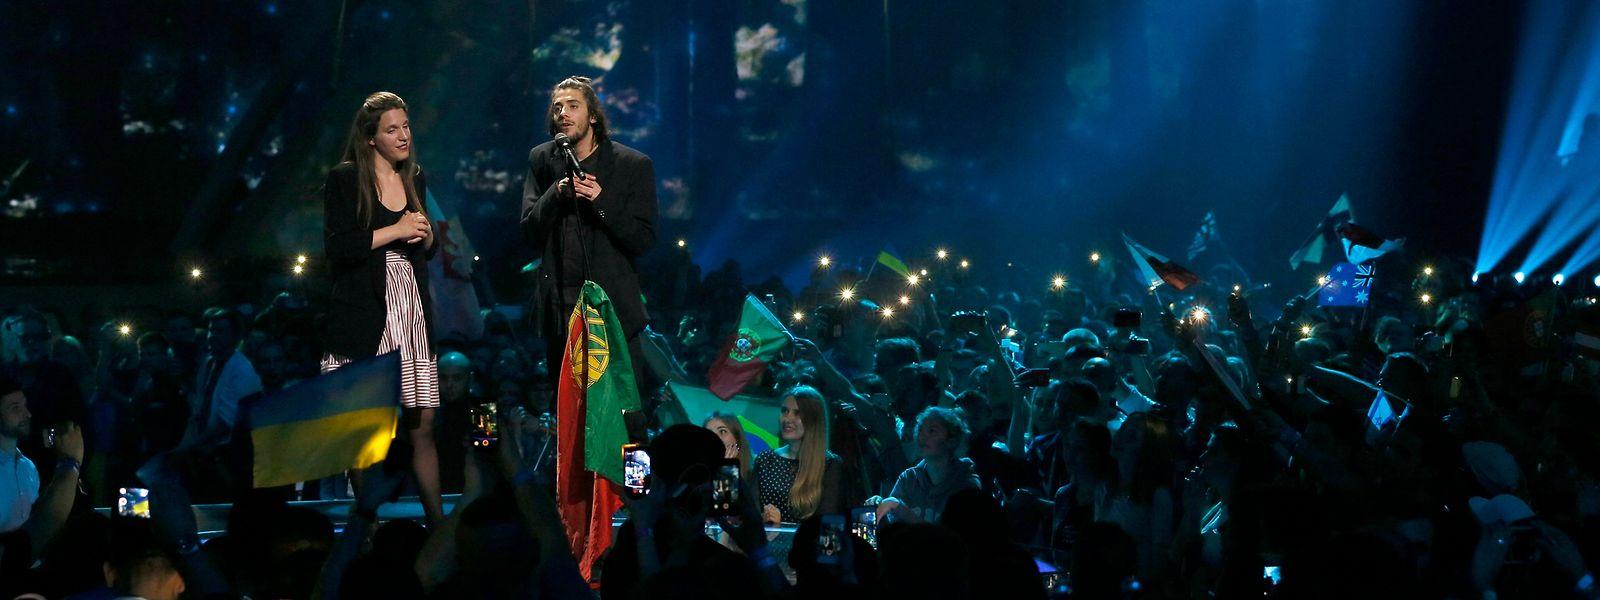 """Salvador Sobral canta """"Amar Pelos Dois"""" após vencer a final da Eurovisão em 2017, na Ucrânia."""